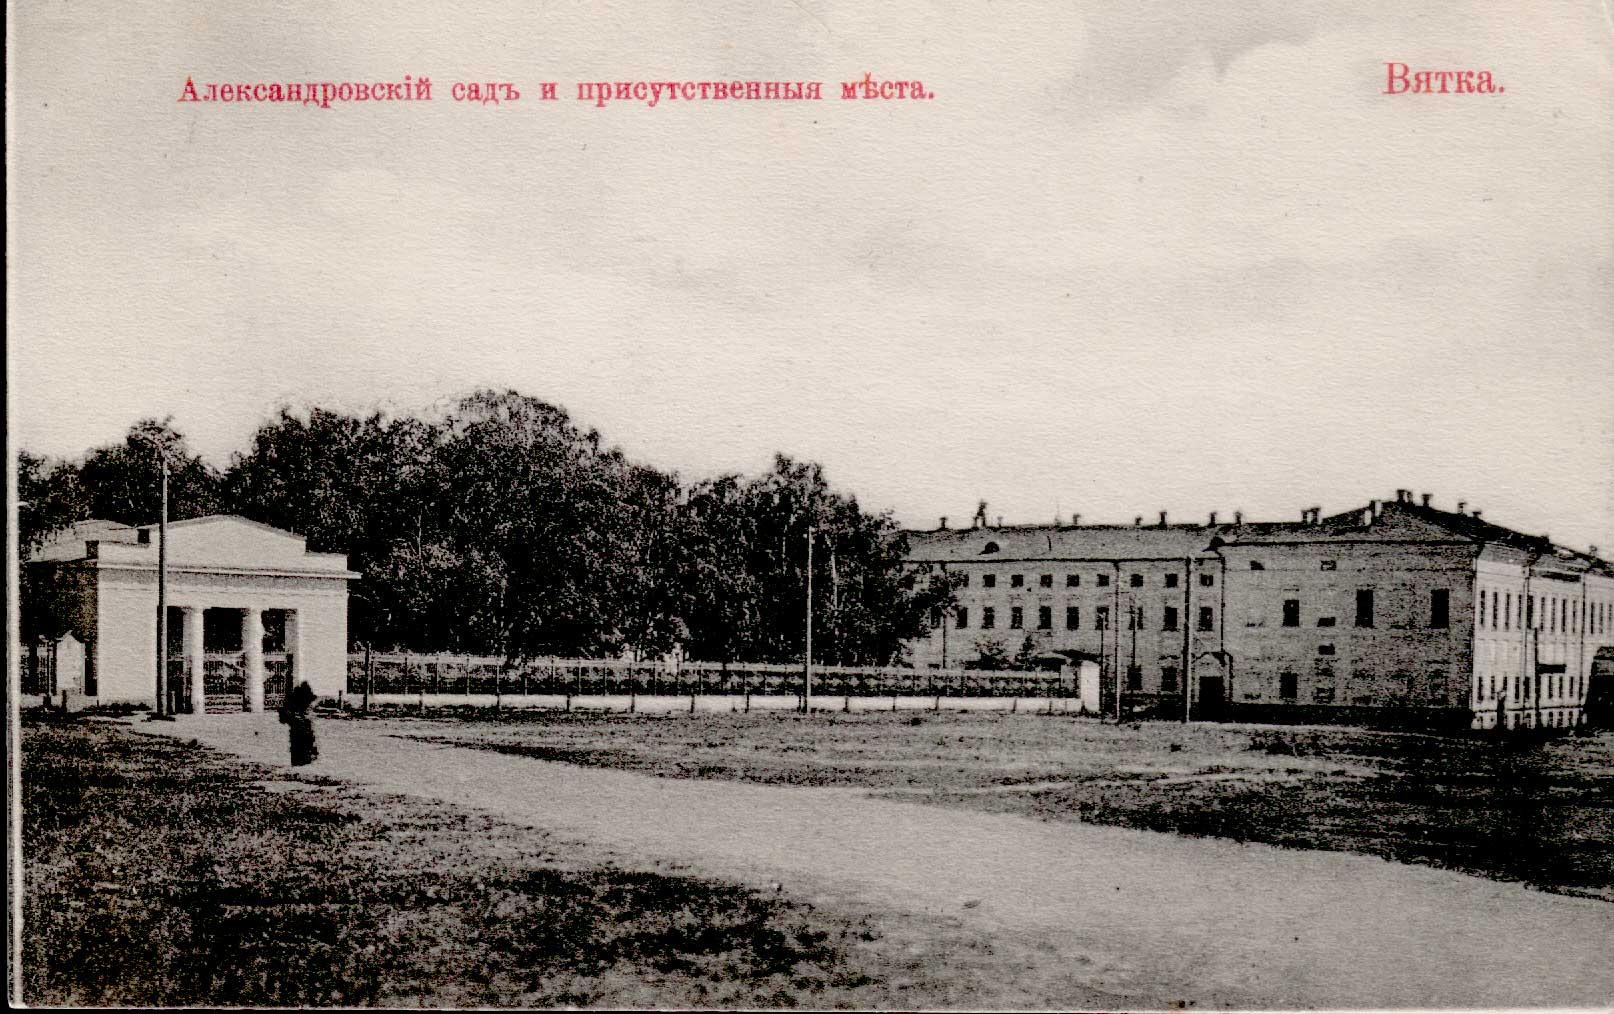 Александровский сад и Присутственные места